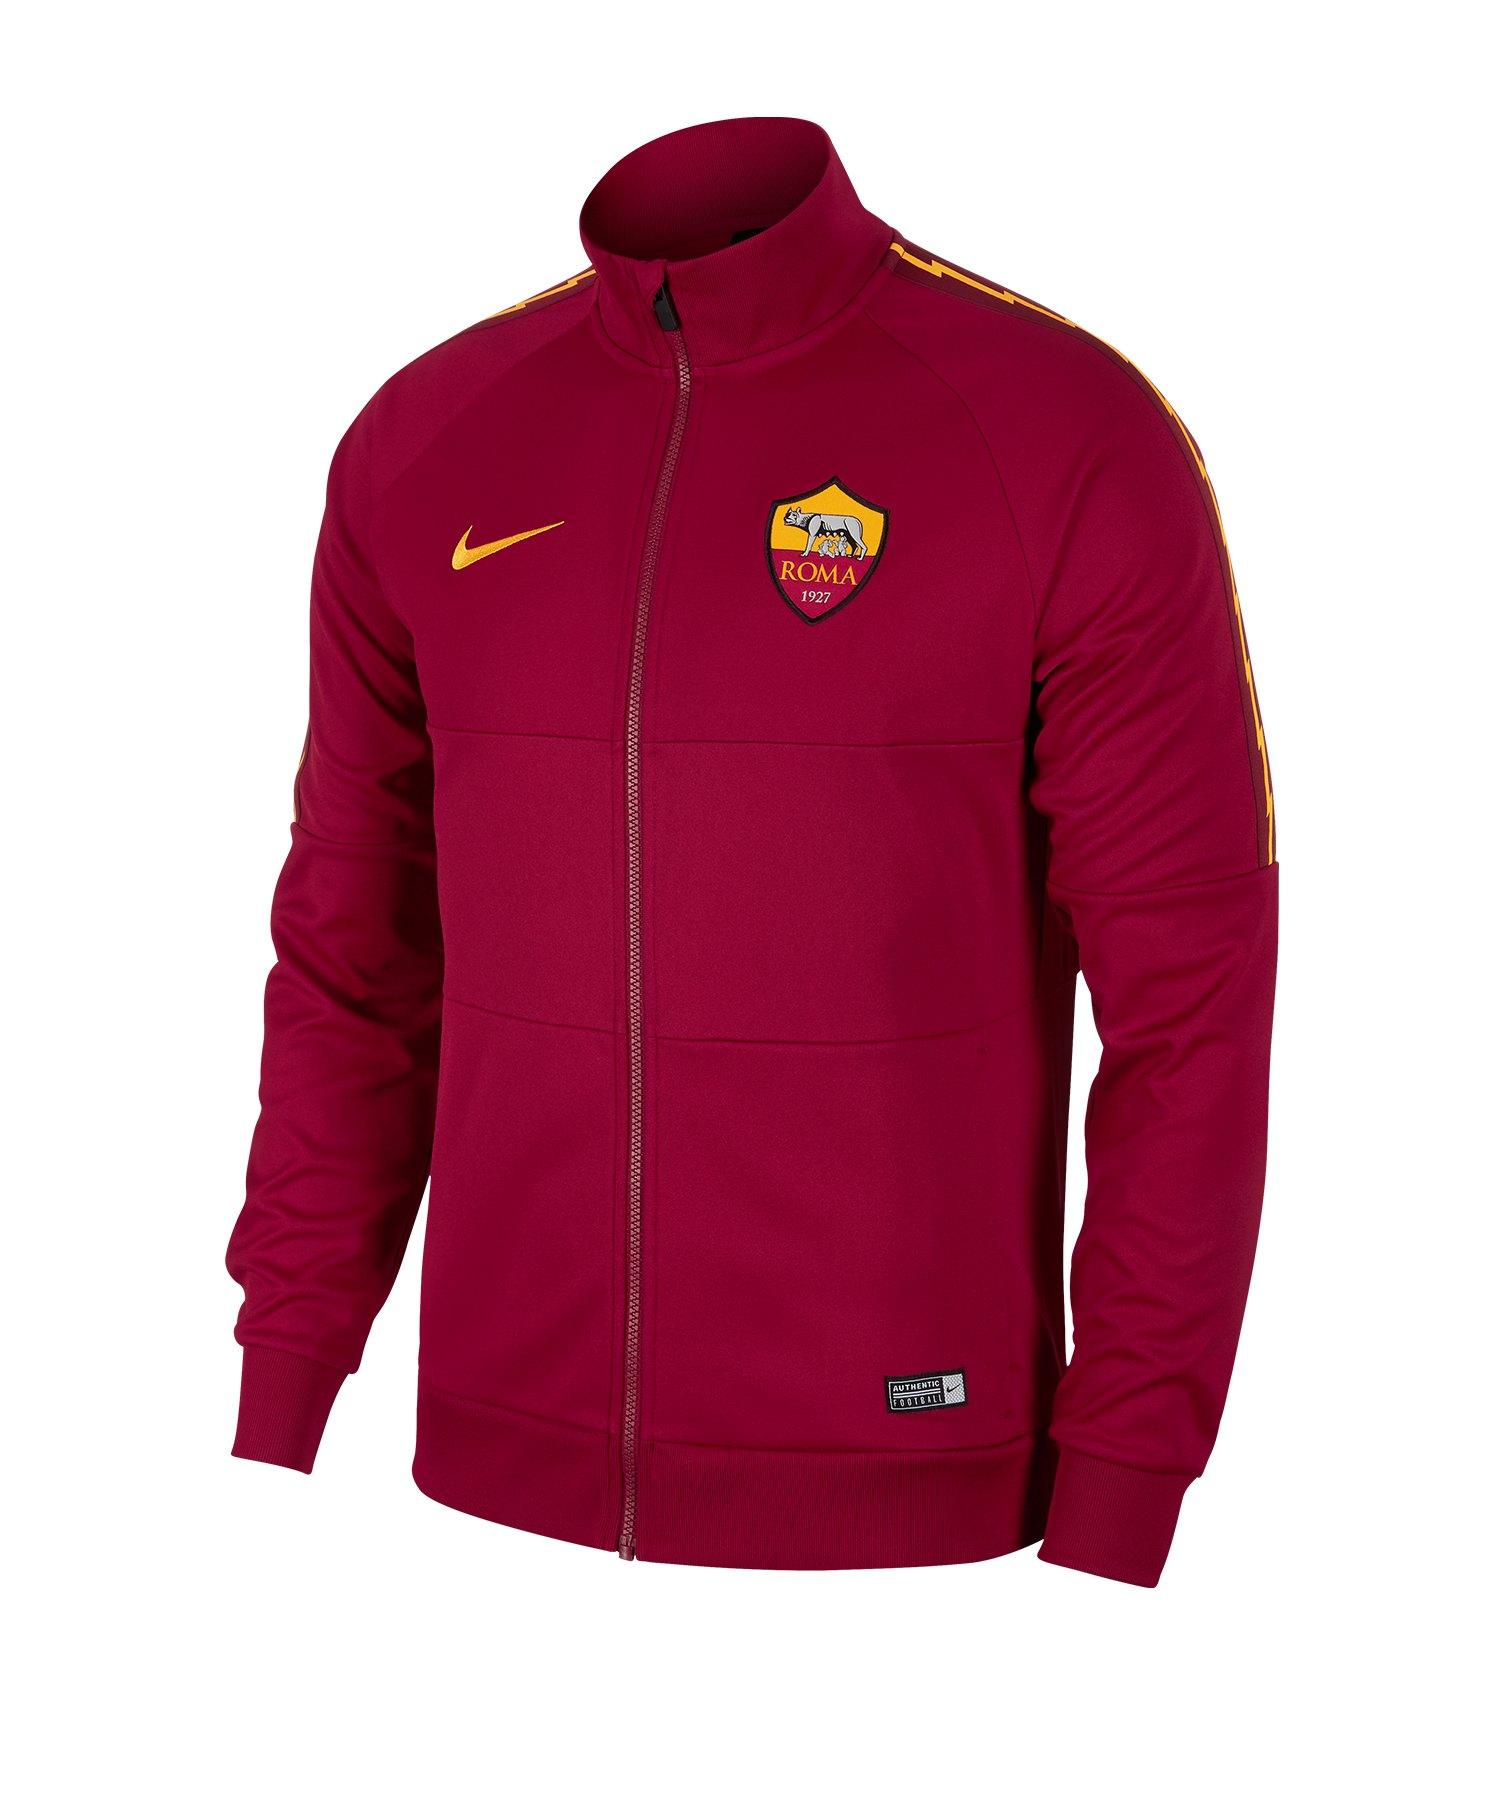 Nike AS Rom I96 Jacke Rot F677 - Rot